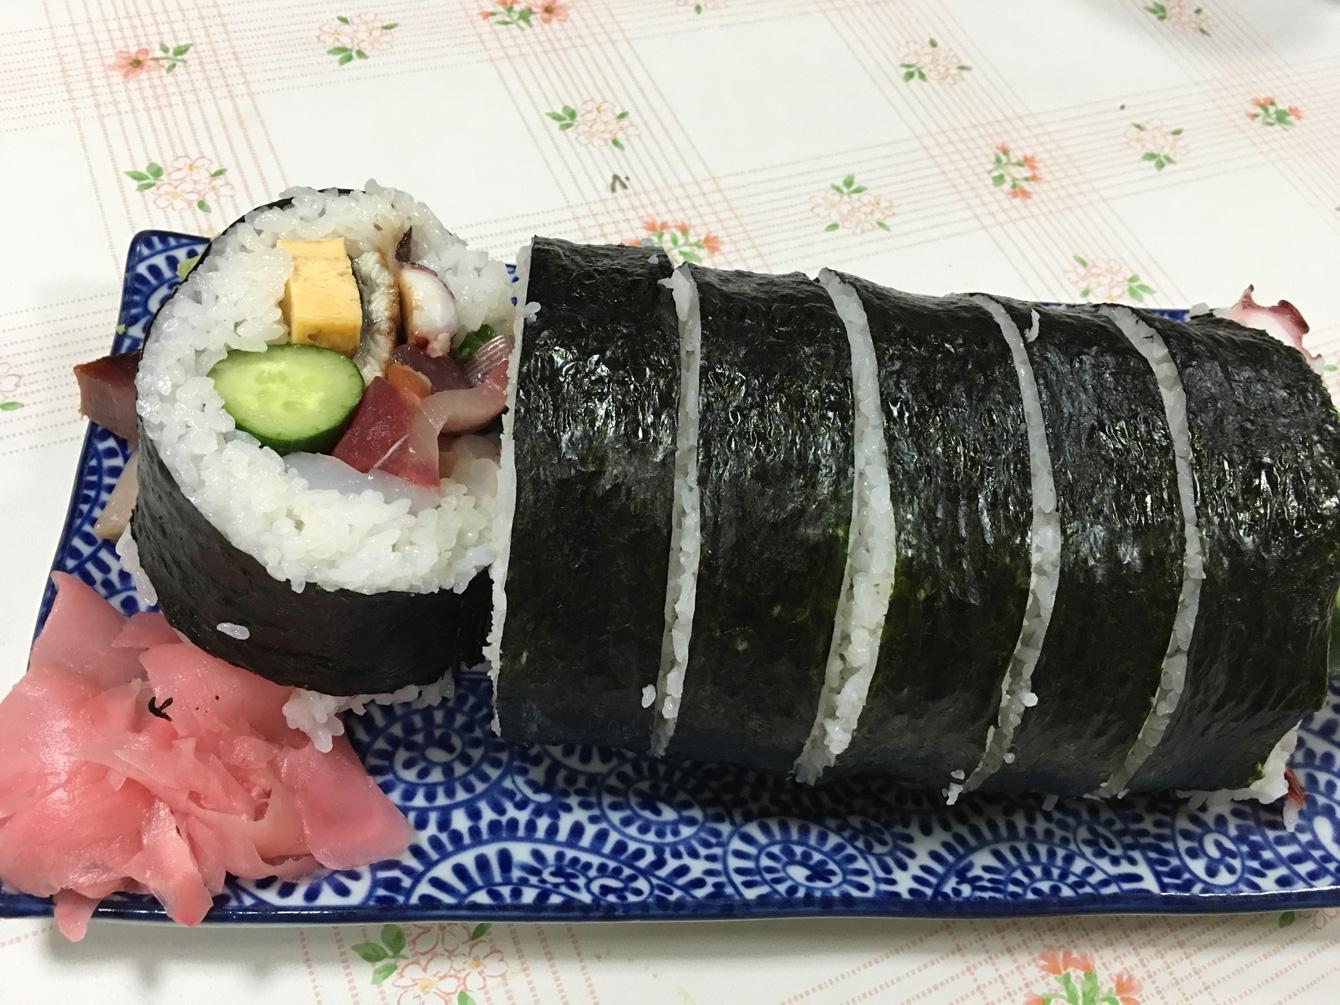 どーん!名物、一口では入りきらない手巻き寿司。海苔巻きに収まりきらない魚たちがいきいきと飛び出している。